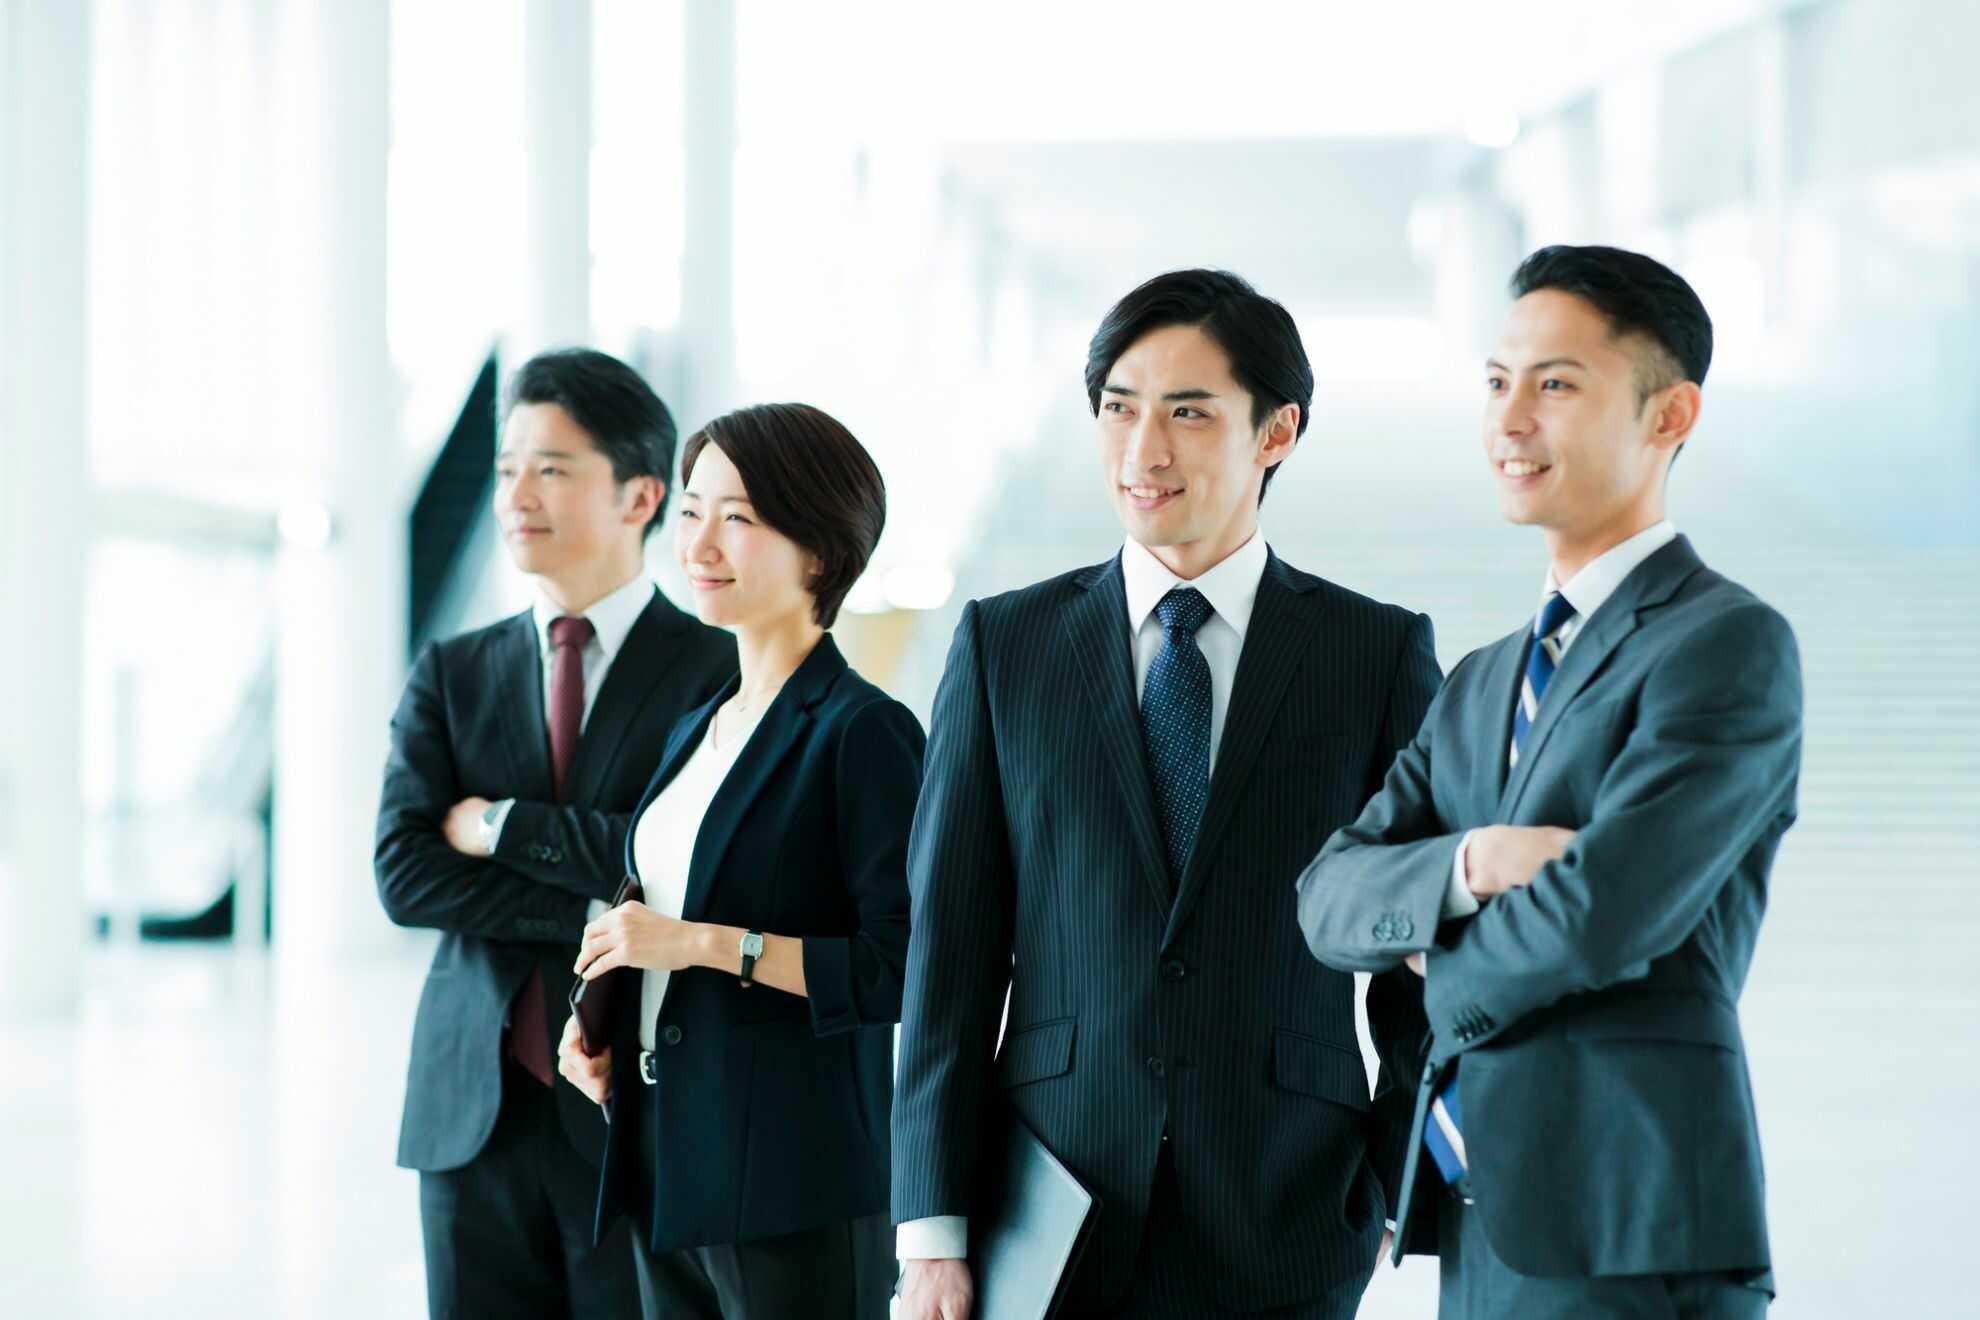 同じ方向を見つめている4人のビジネスパーソン